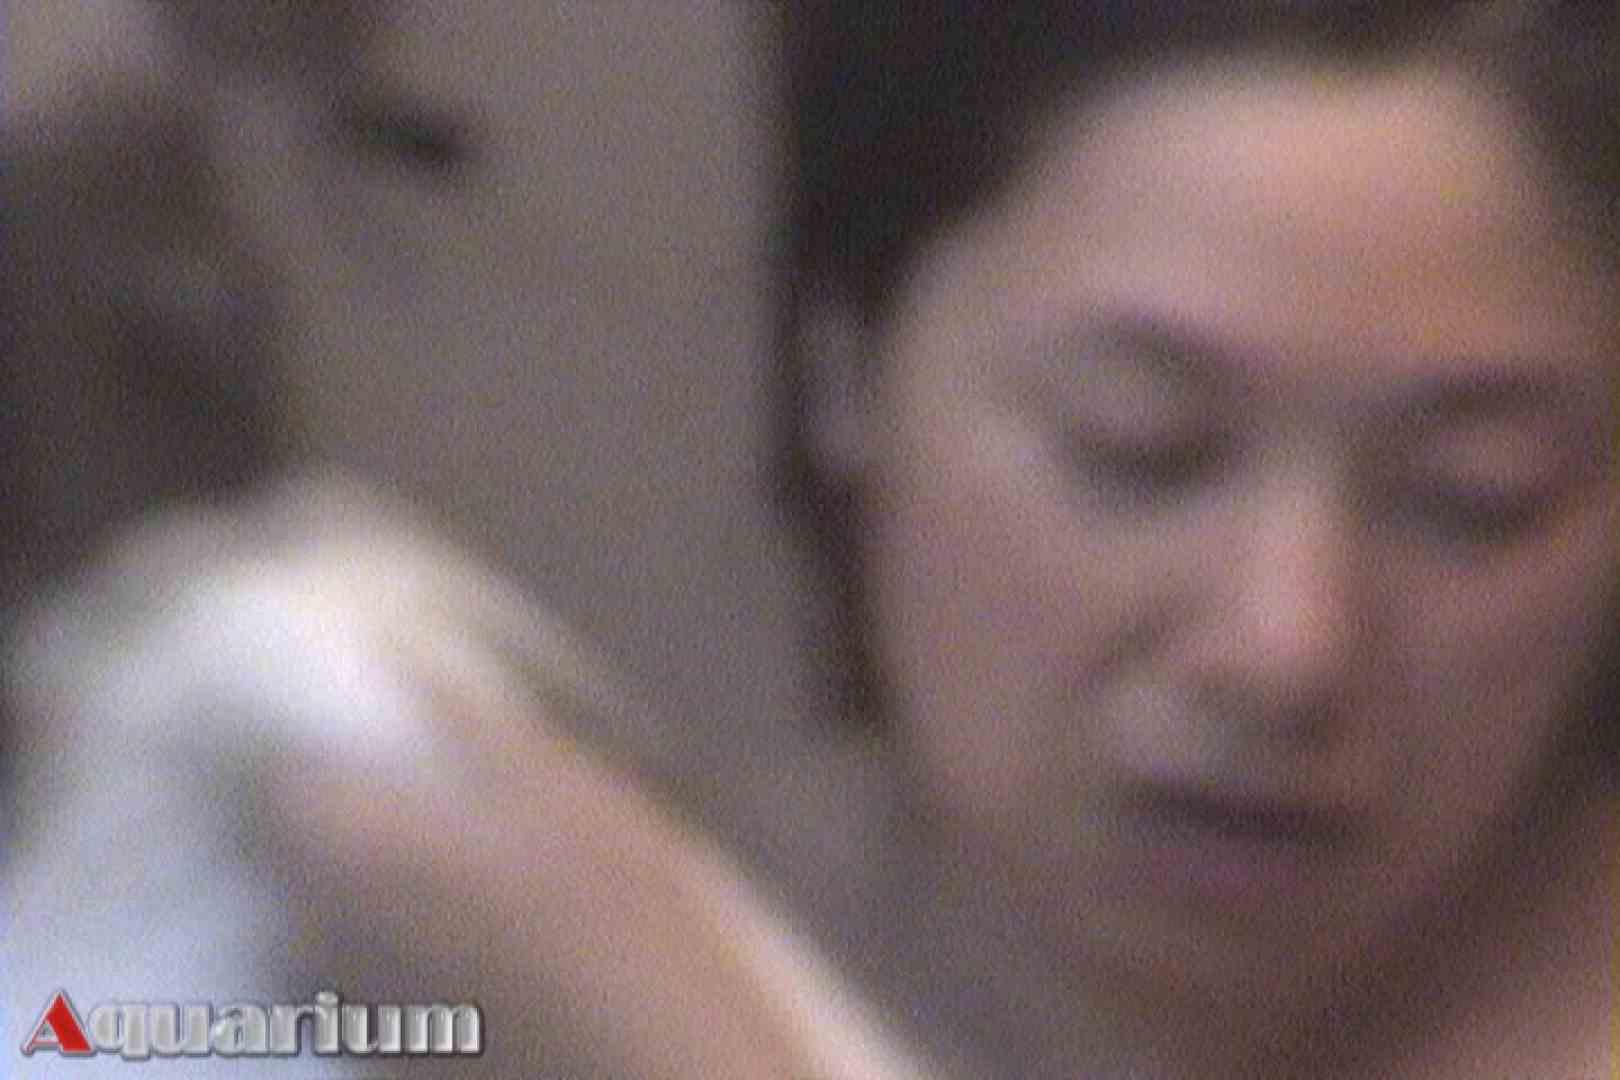 旅館脱衣所お着替え盗撮 Vol.03 脱衣所 性交動画流出 102画像 41